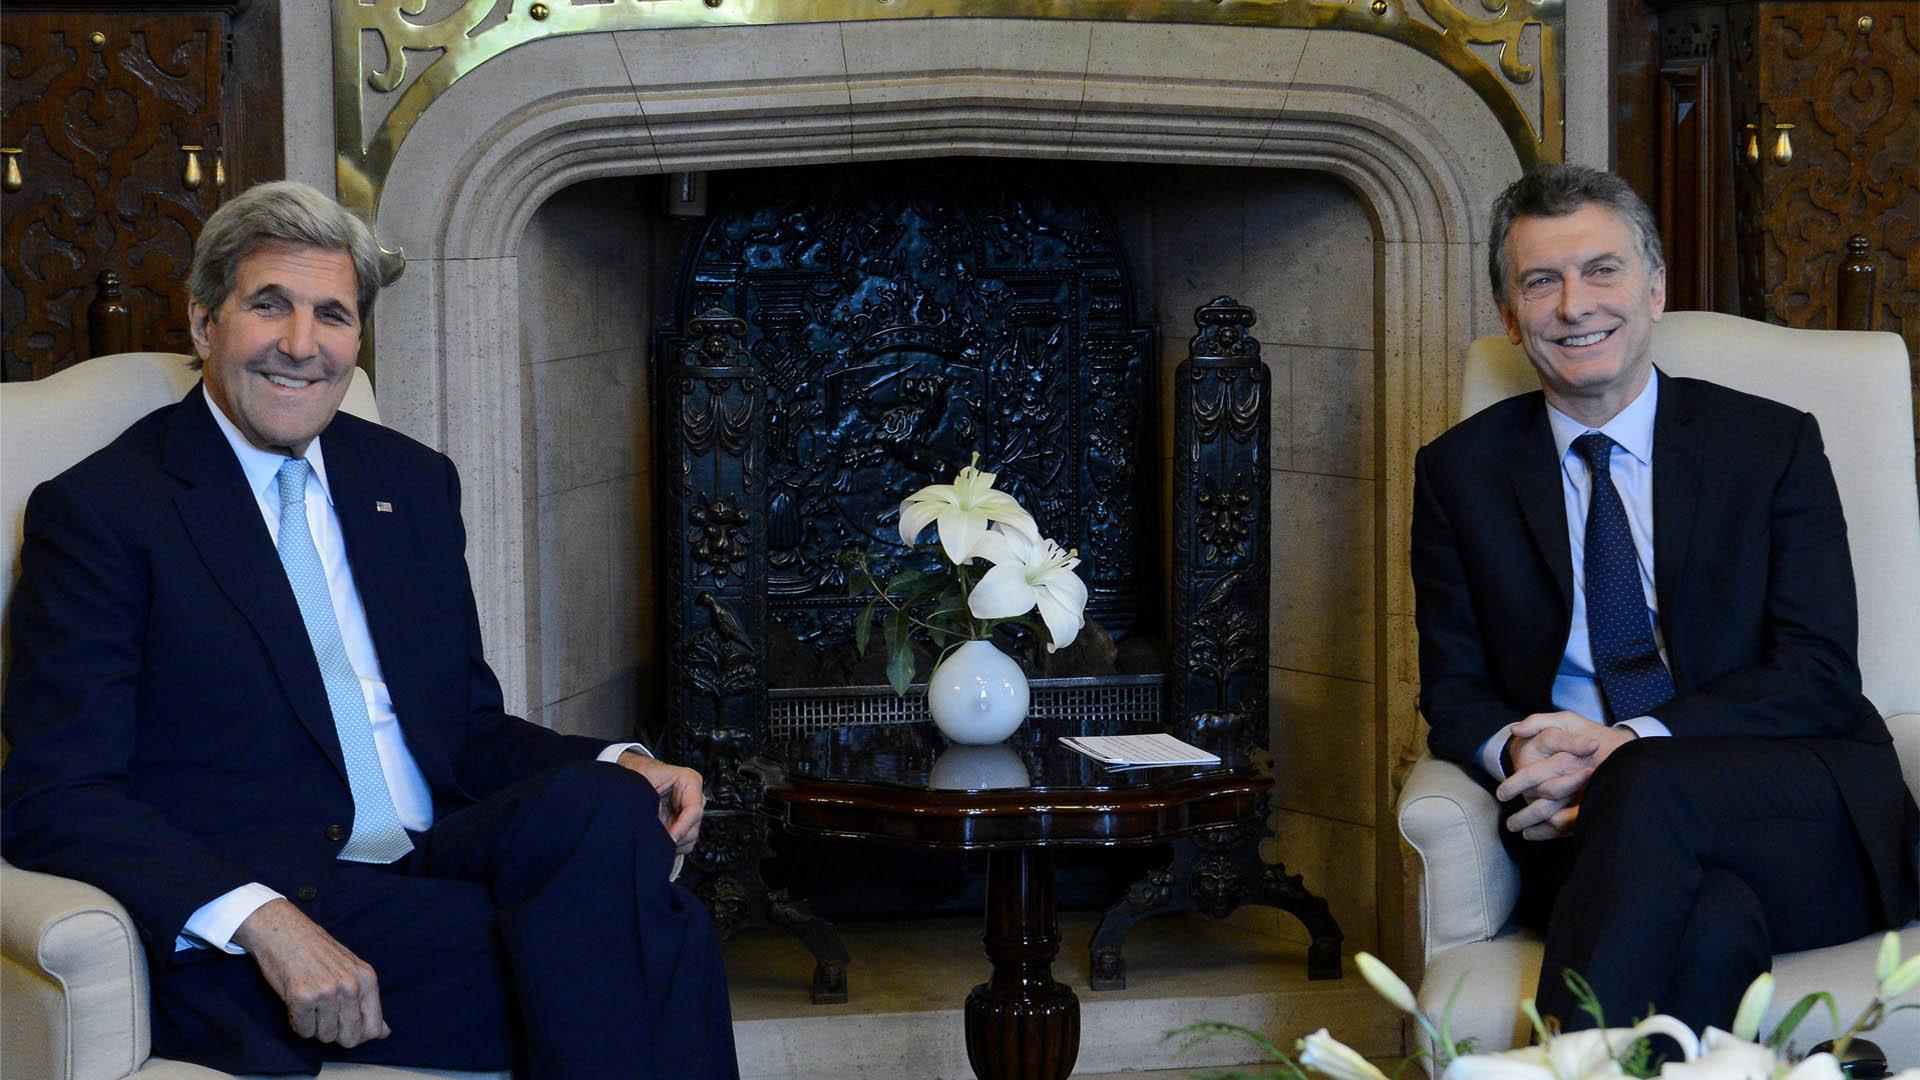 John Kerry anunció que los acuerdos entre las naciones incluirán el traspaso de refugiados sirios